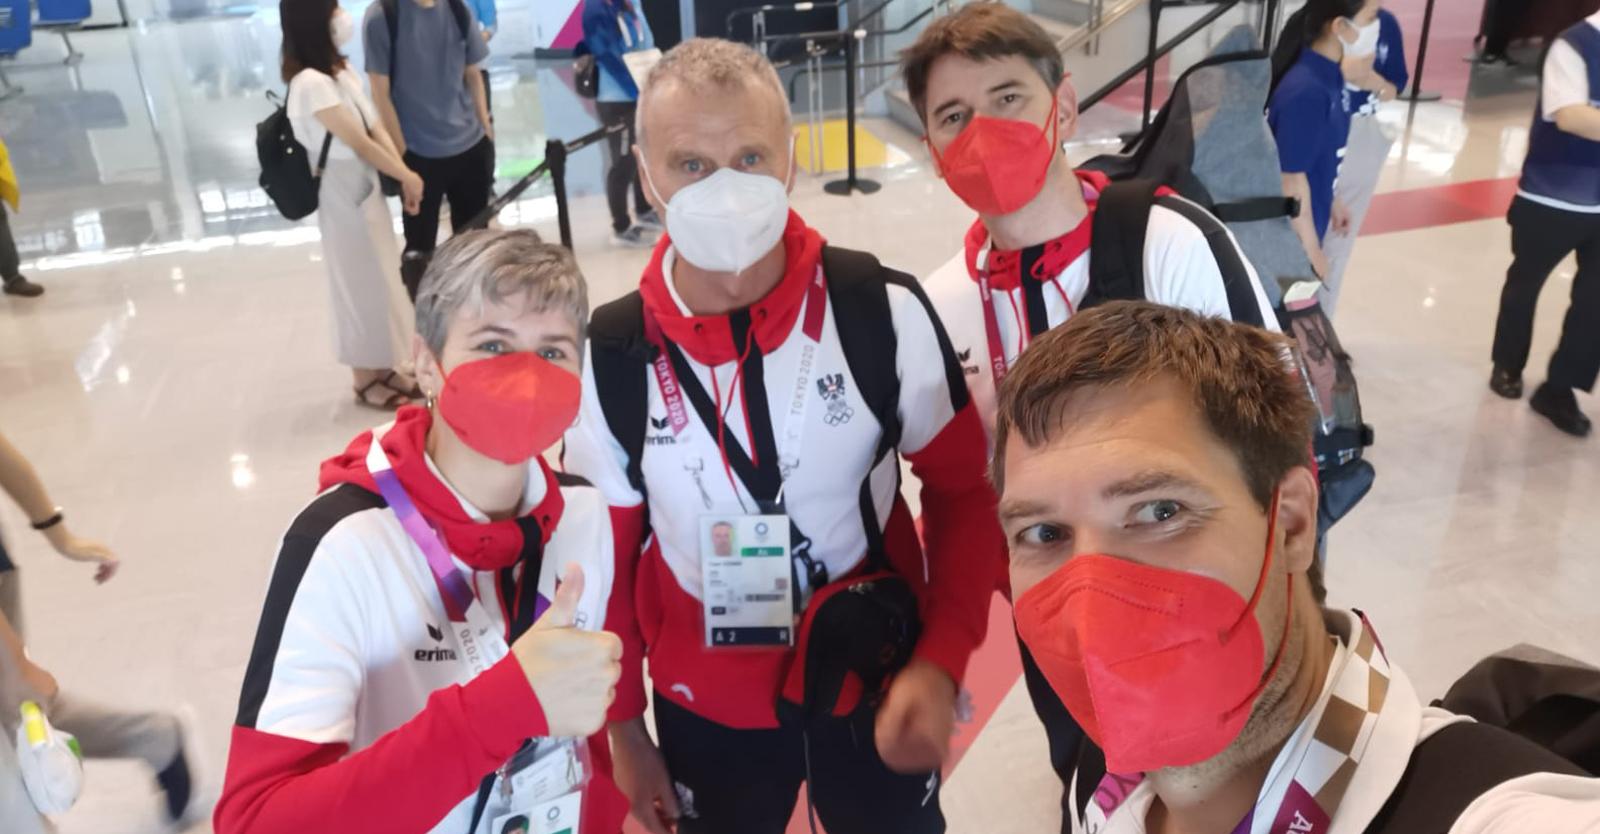 Sylvia Steiner, Franz Steiner, Wolfram Waibel und Martin Strempfl nach ihrer Landung am Flughafen in Tokio